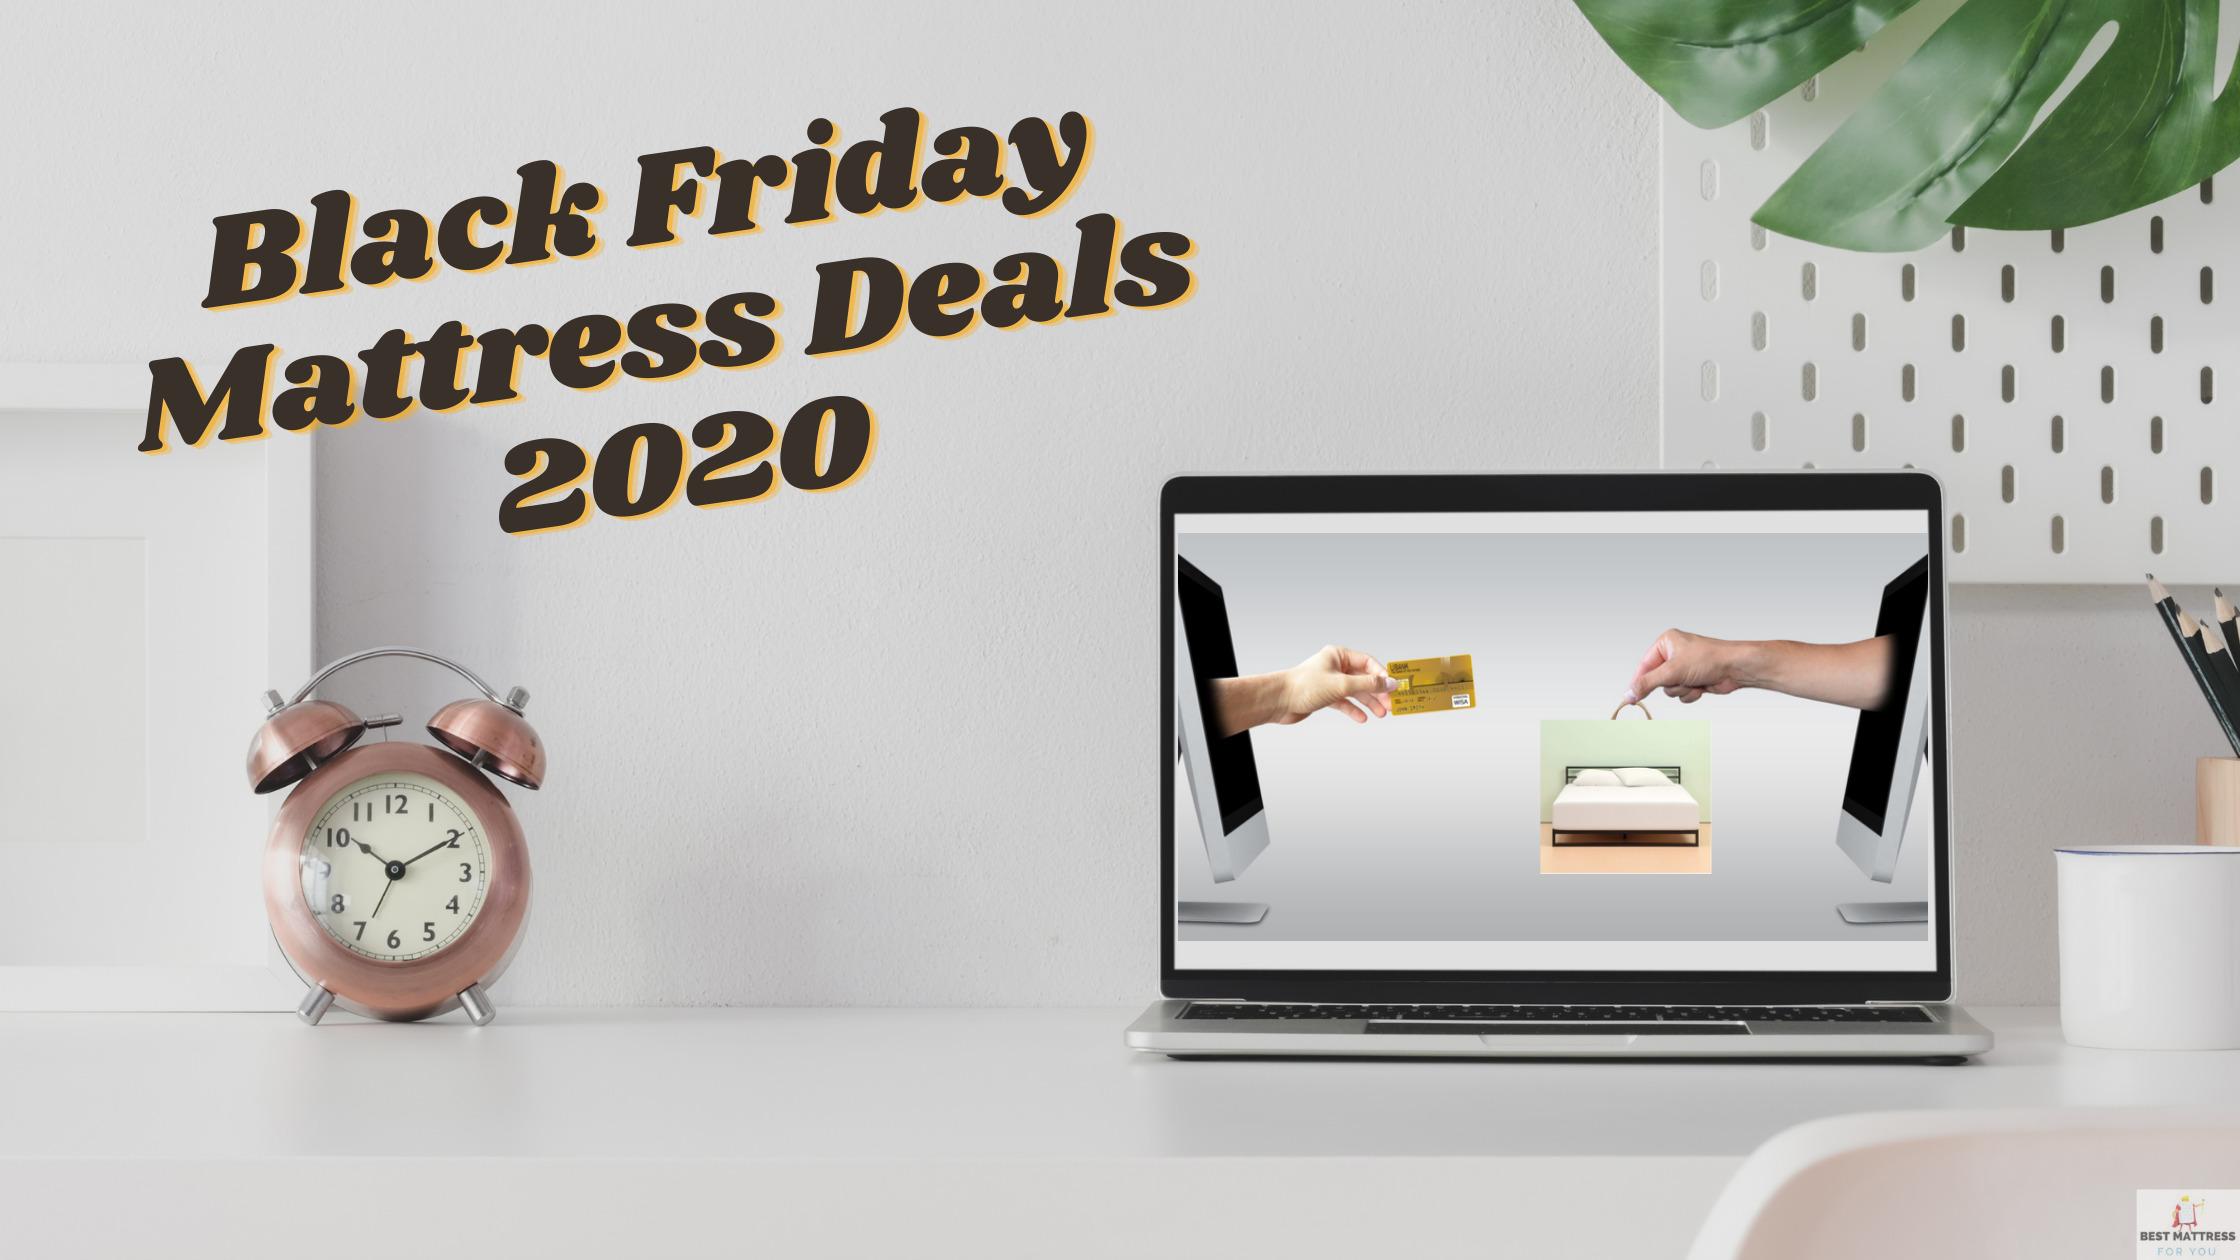 Black Friday Mattress Deals 2020